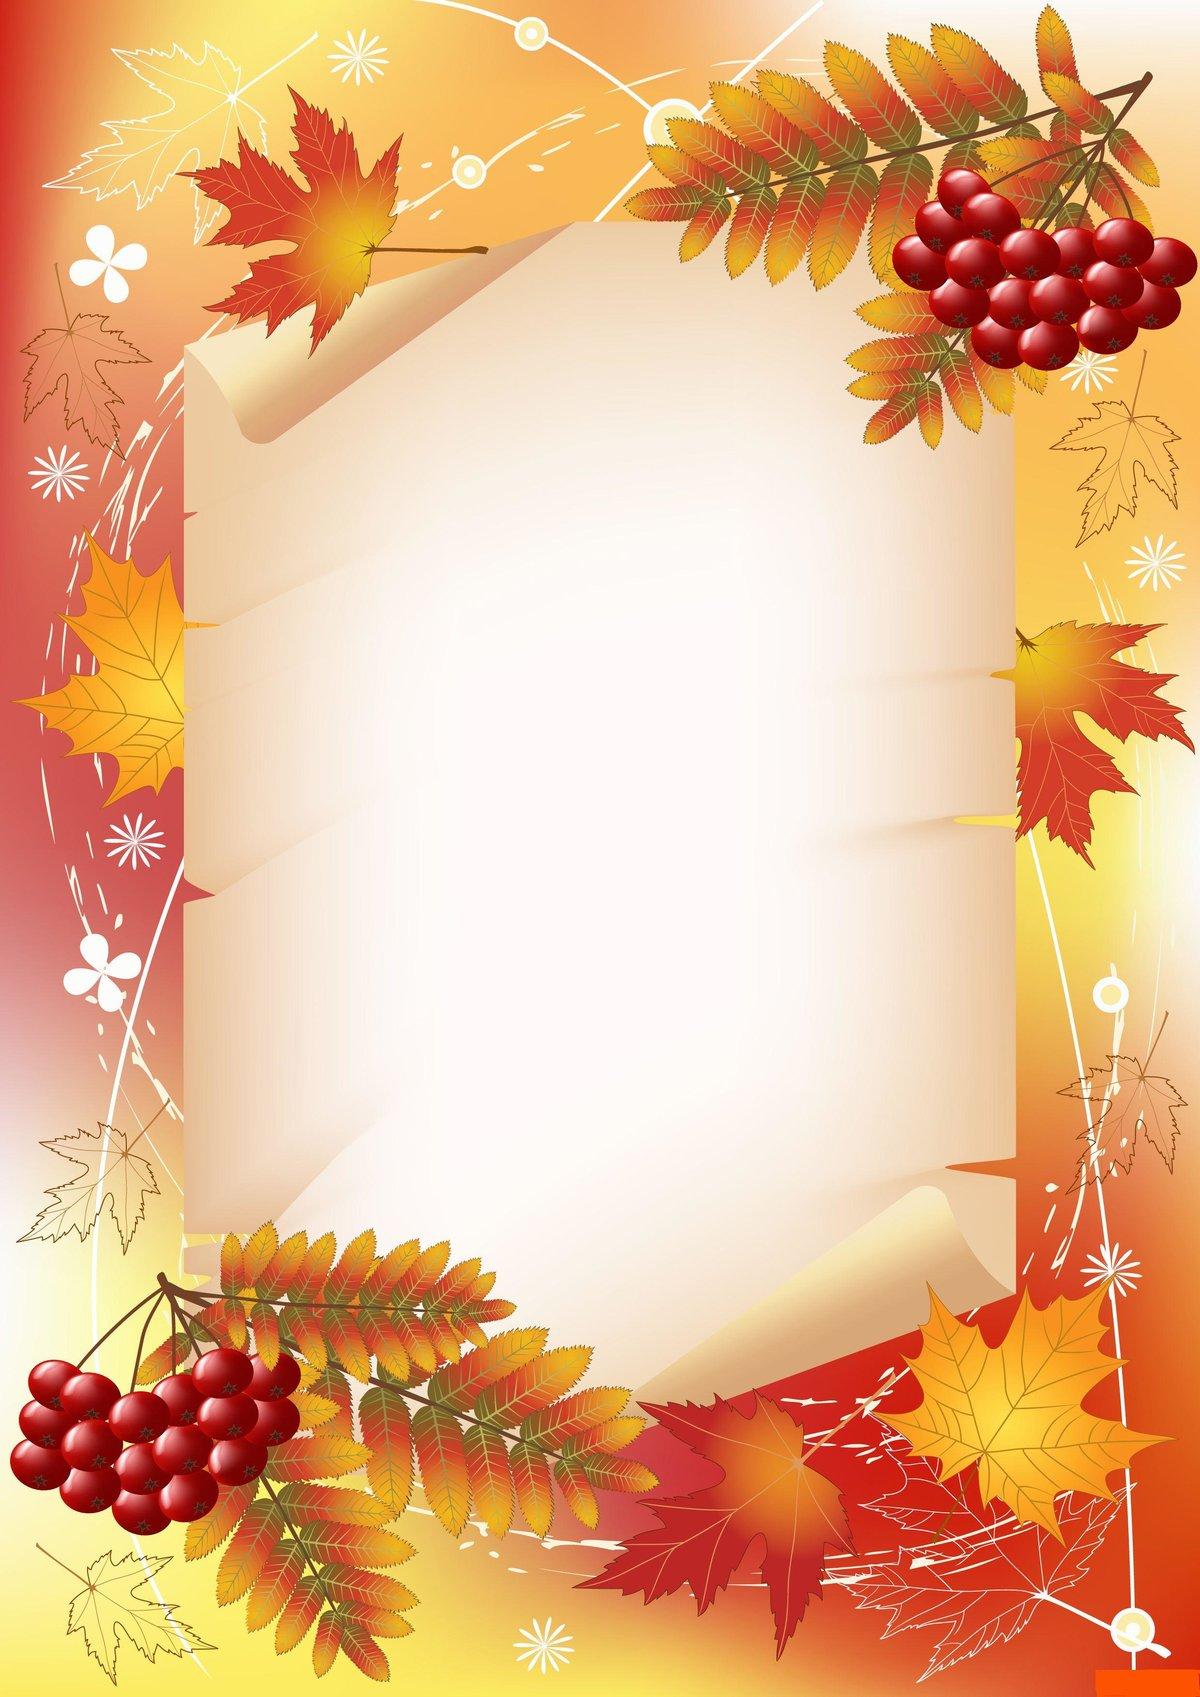 Надписями, шаблон открыток с днем рождения осенью